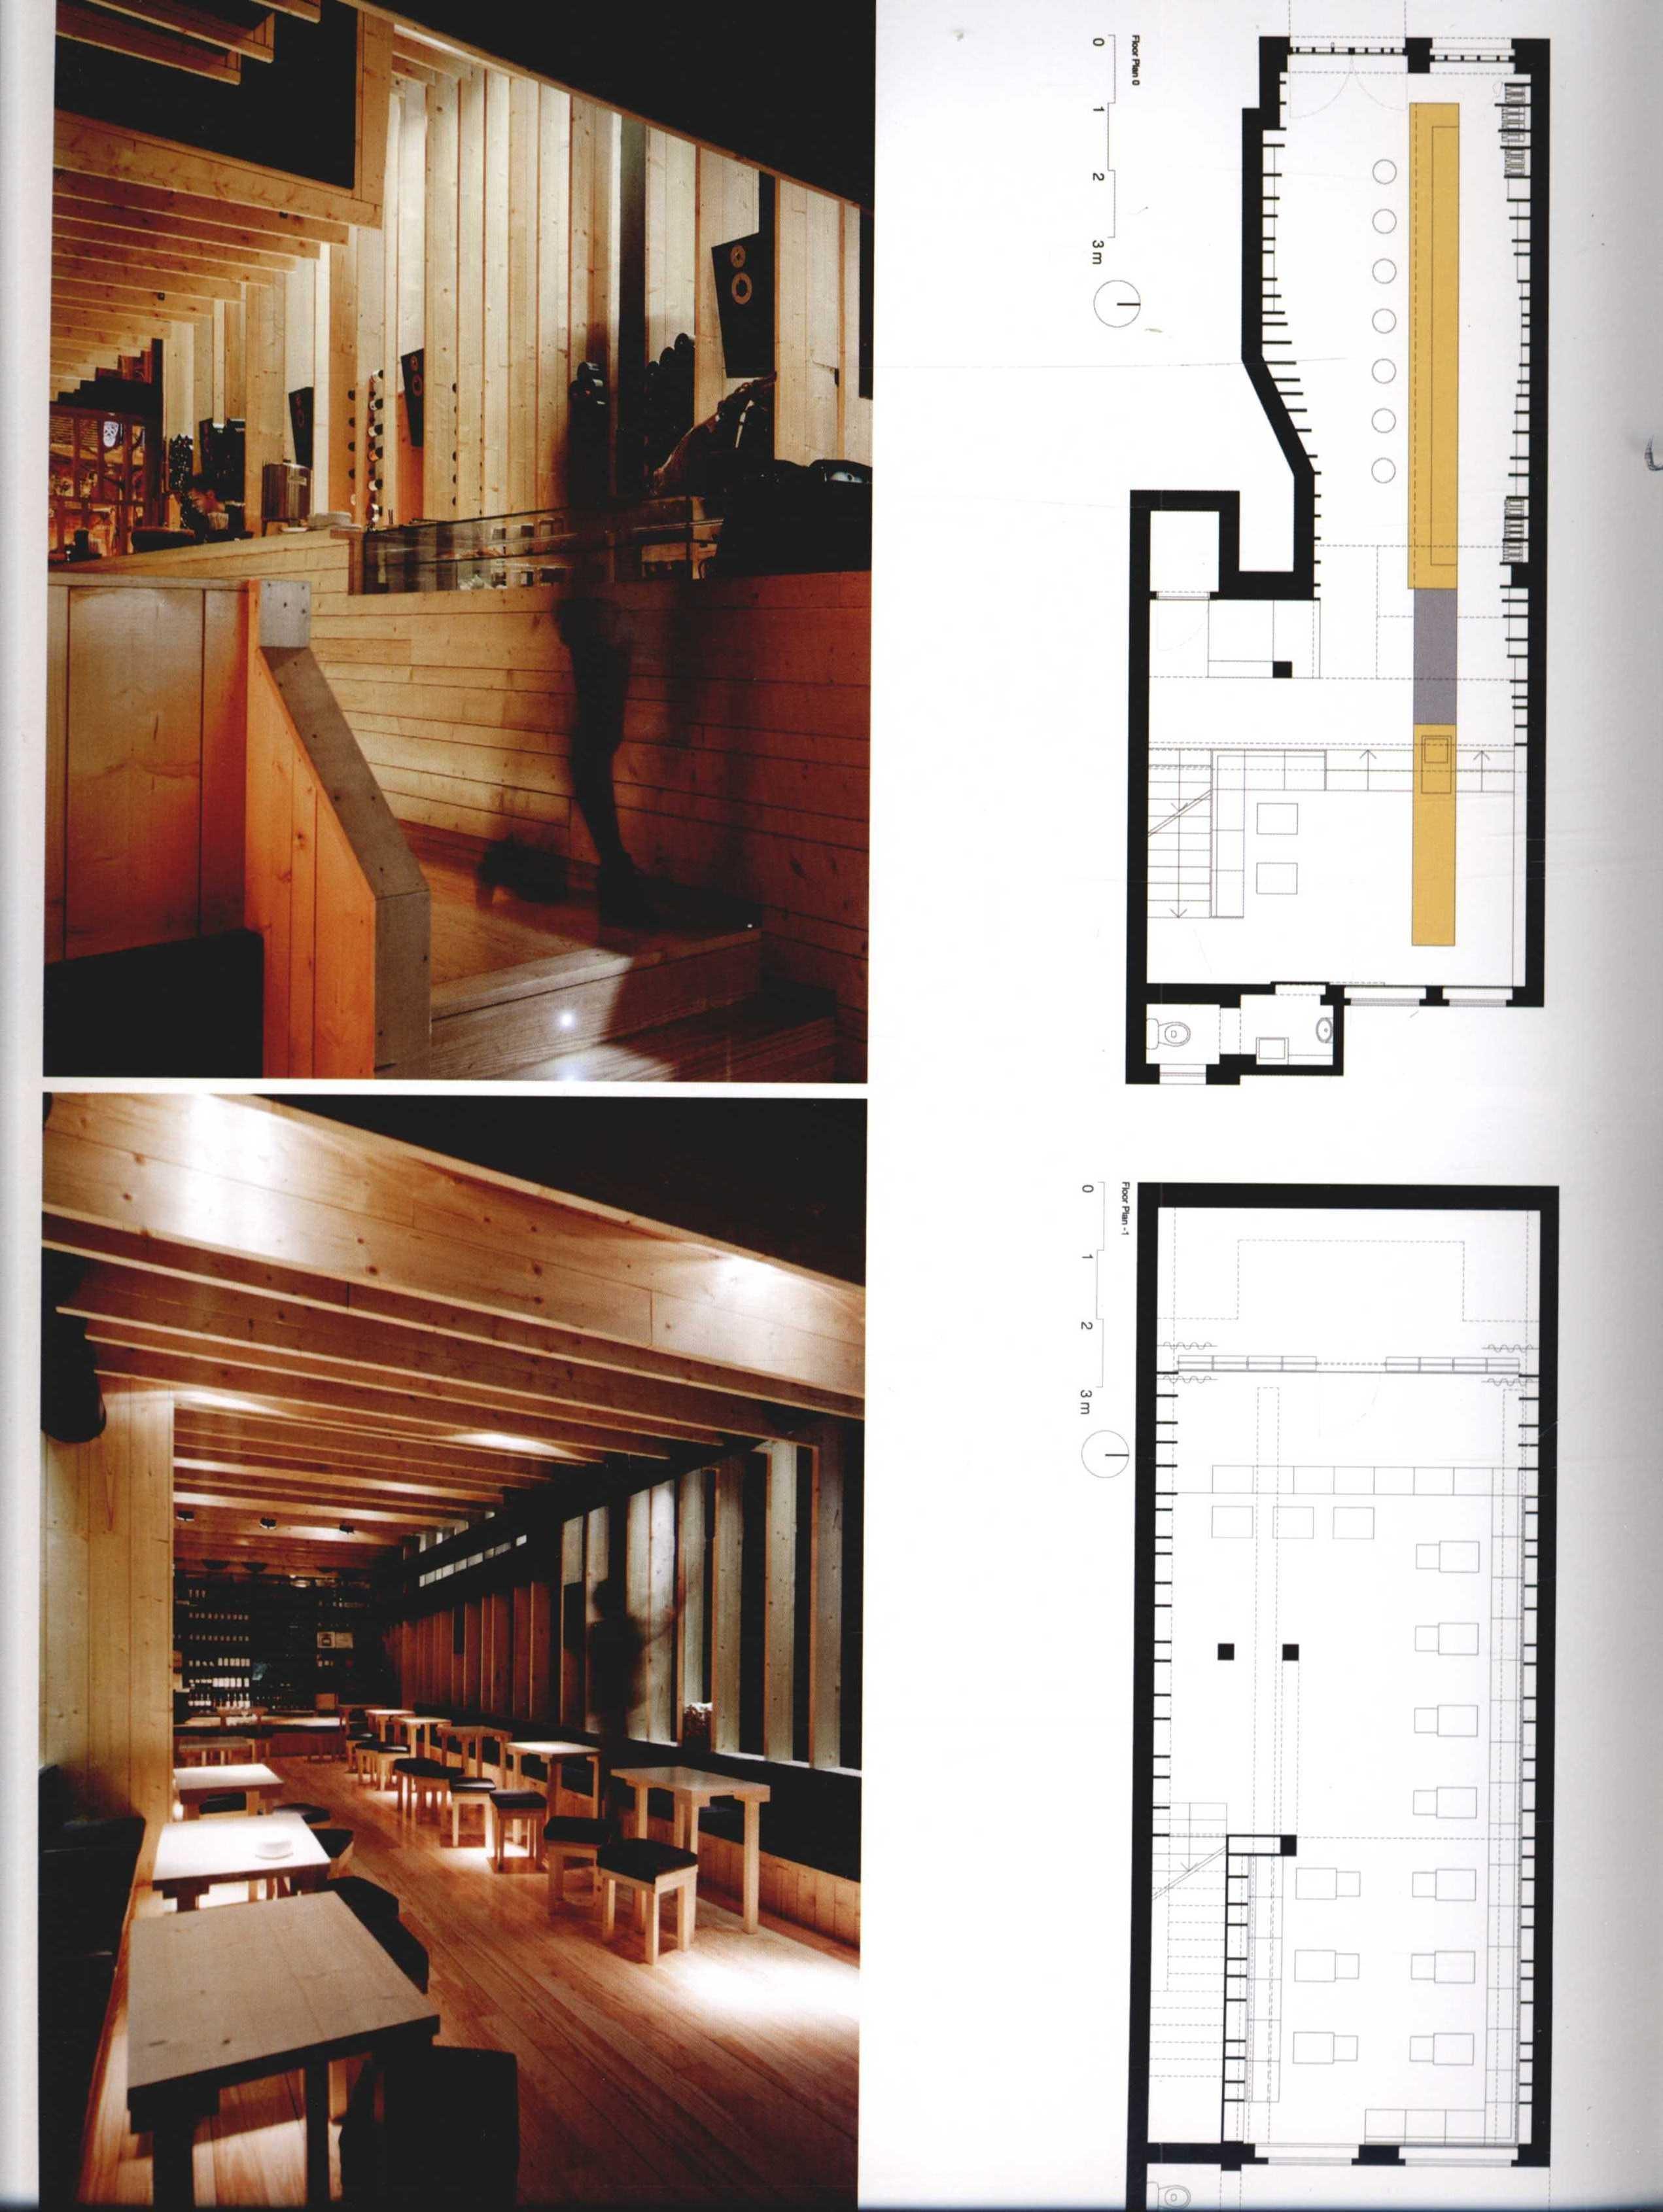 2012全球室内设计年鉴  餐饮_Page_249.jpg